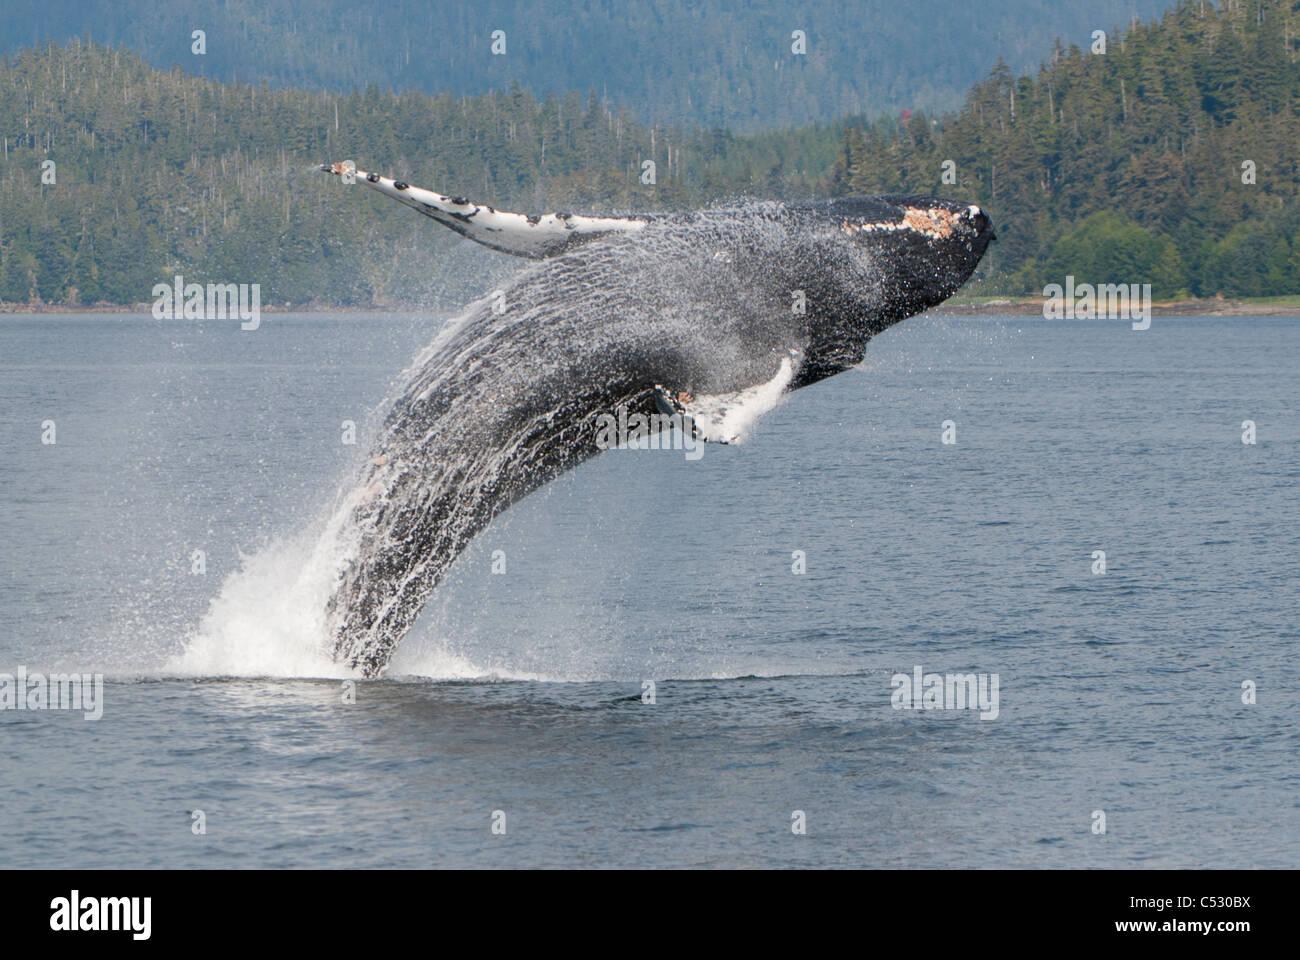 Ballena Jorobada saltando en Frederick Sound, dentro del pasaje, sureste de Alaska, Verano Imagen De Stock